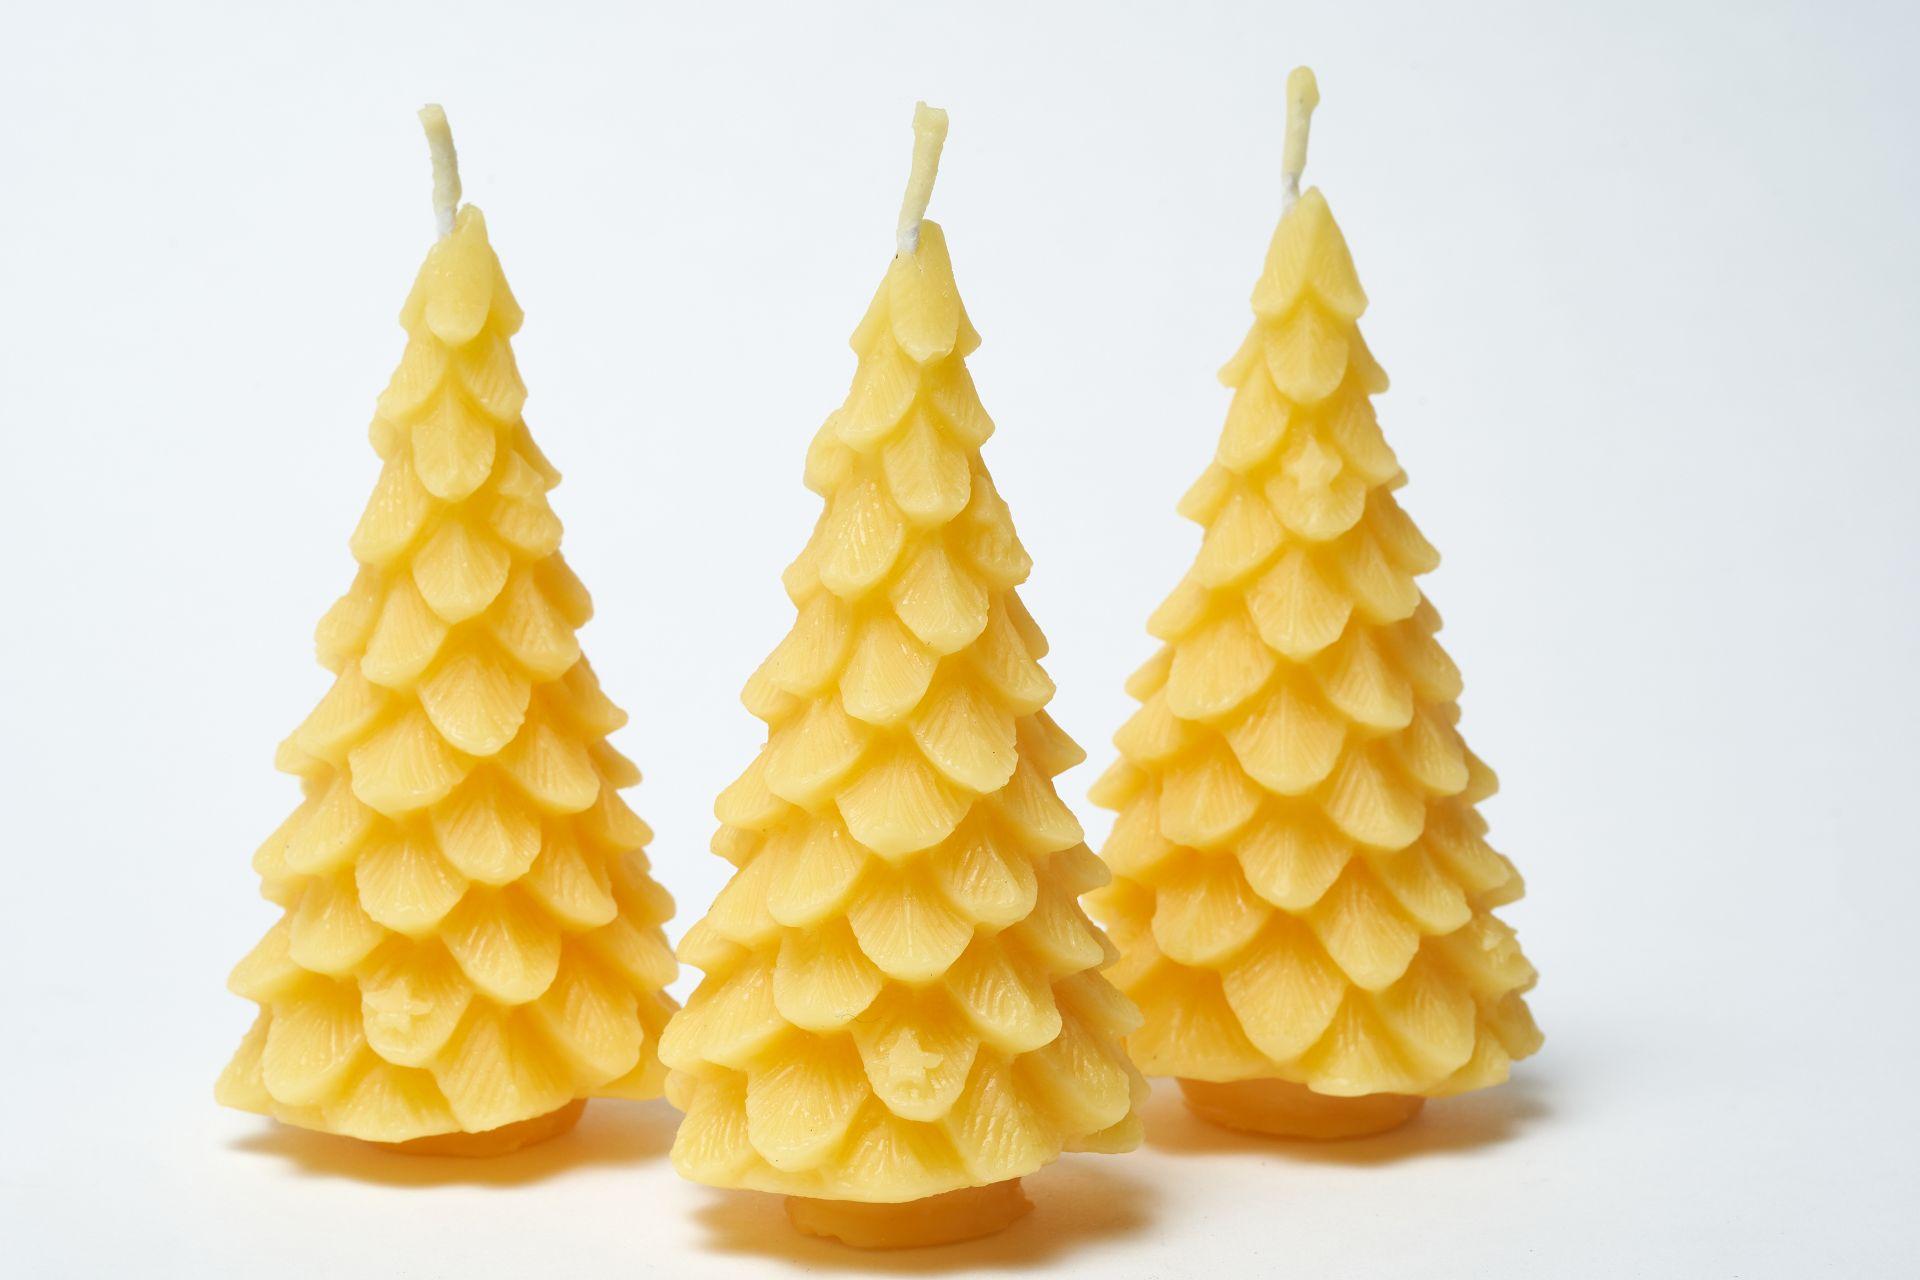 3x Kerze Motiv Tannenbaum (Höhe ca. 11,5cm) aus 100% Bienenwachs vom Imker